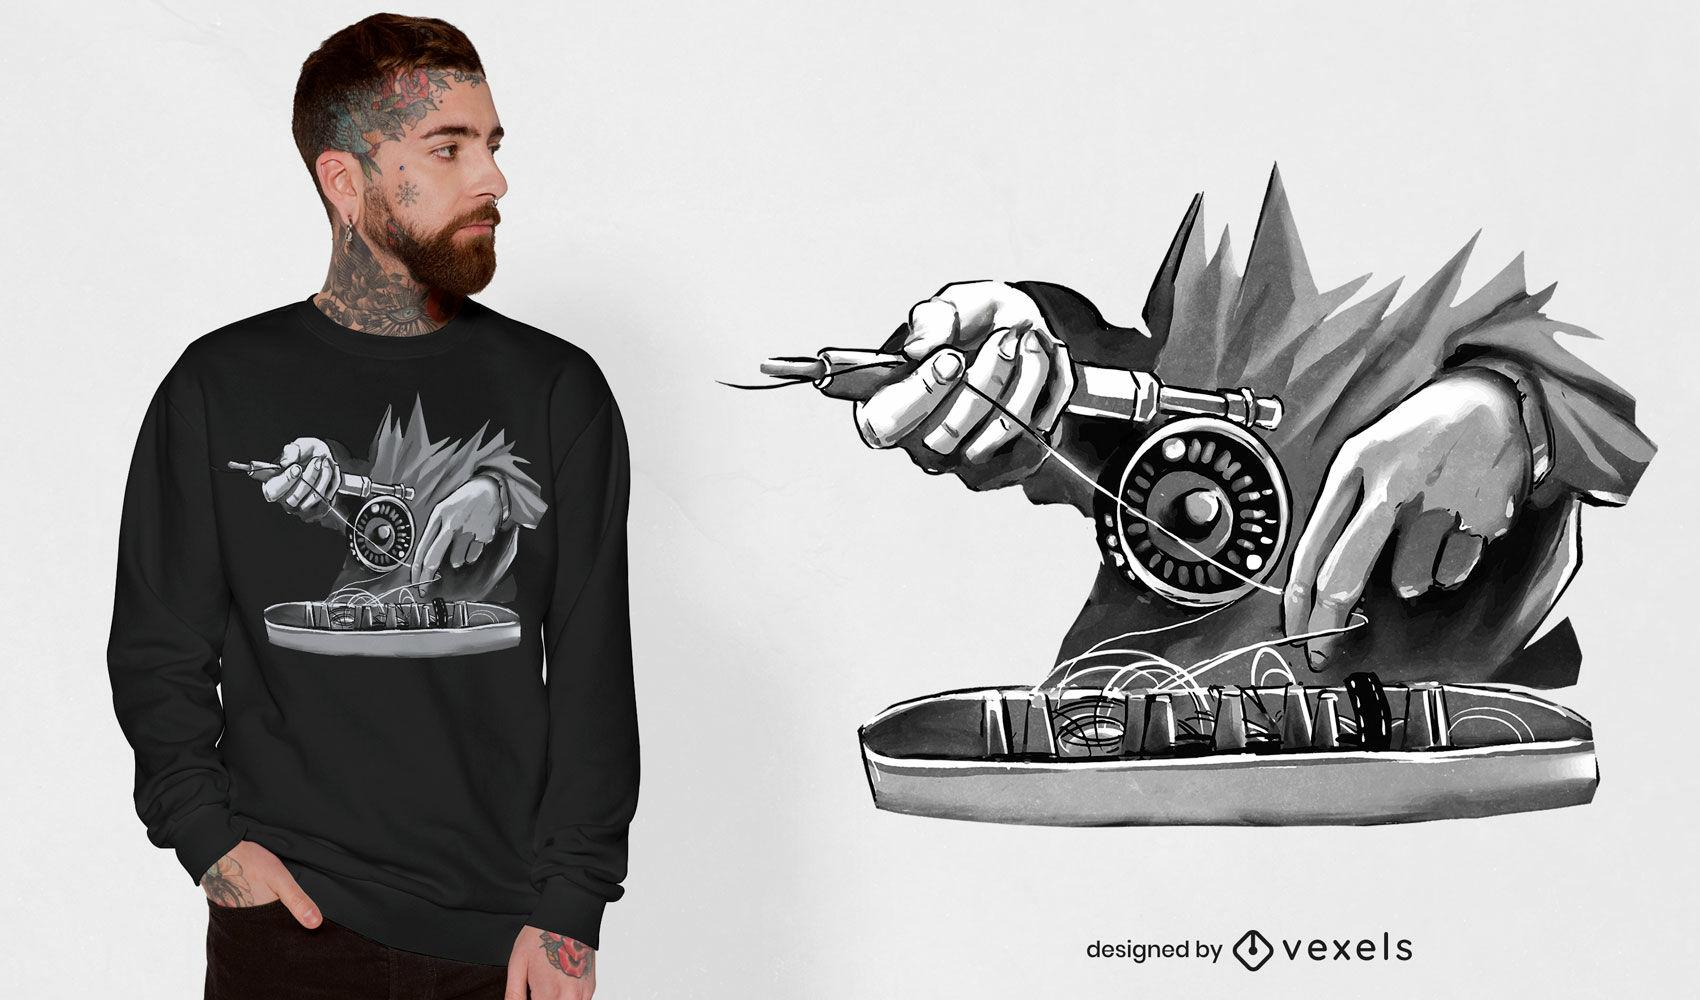 Angelrute H?nde monochromatisches PSD-T-Shirt-Design